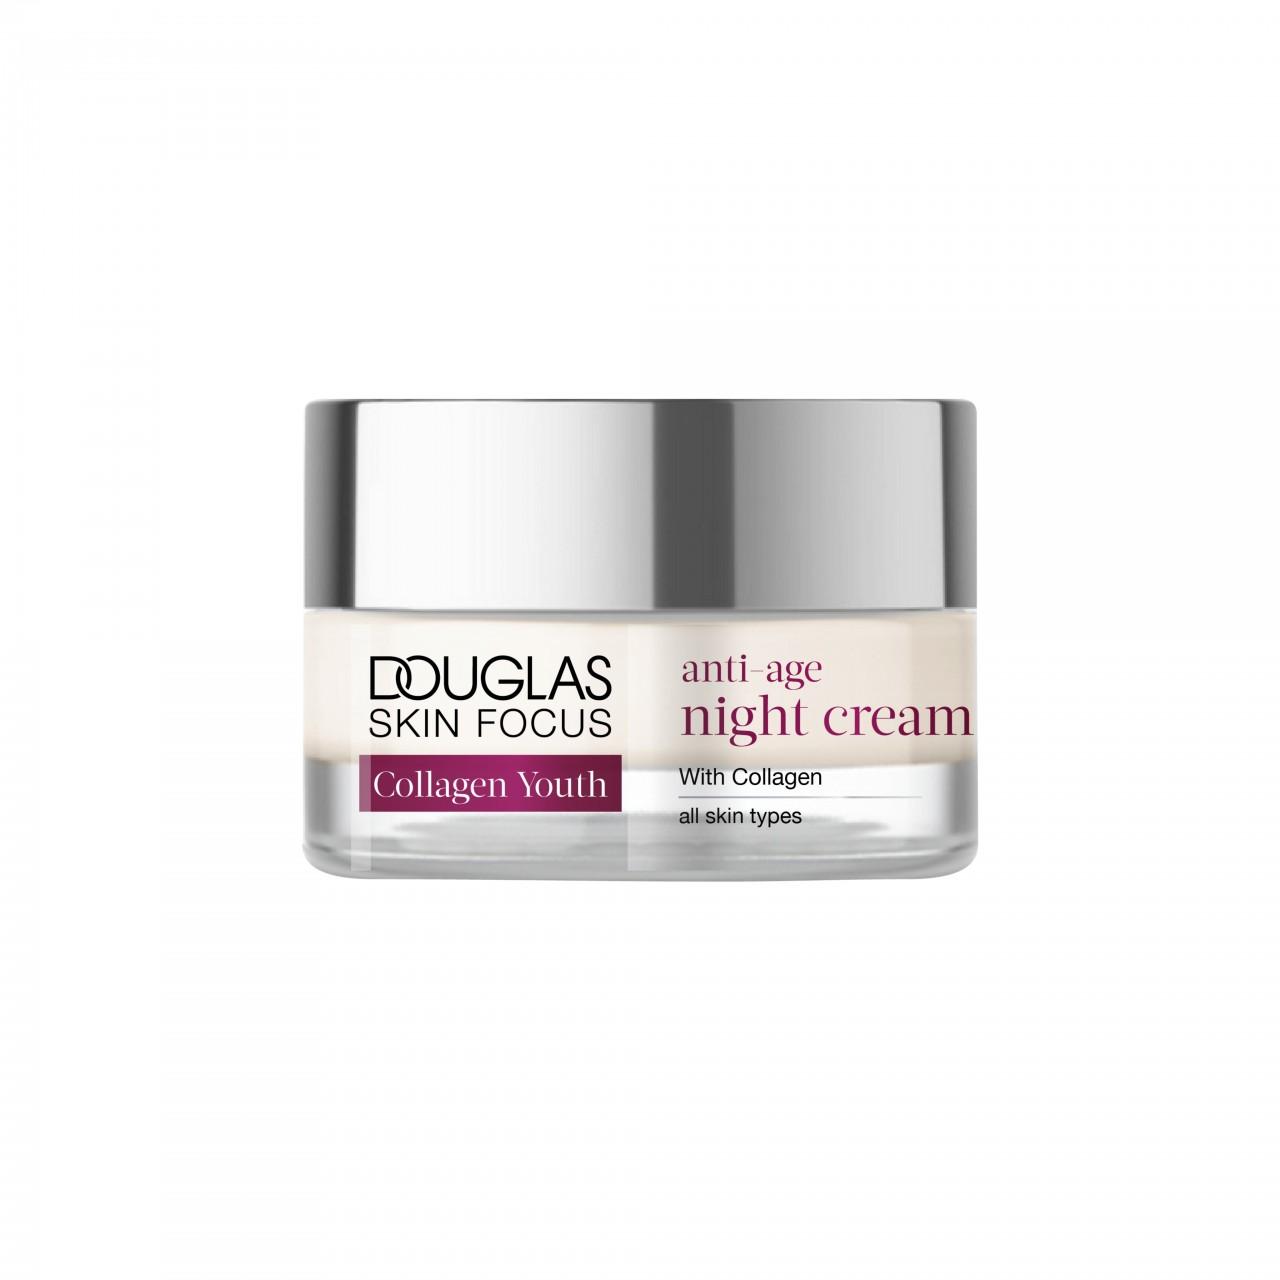 Douglas Focus Anti-Age Night Cream